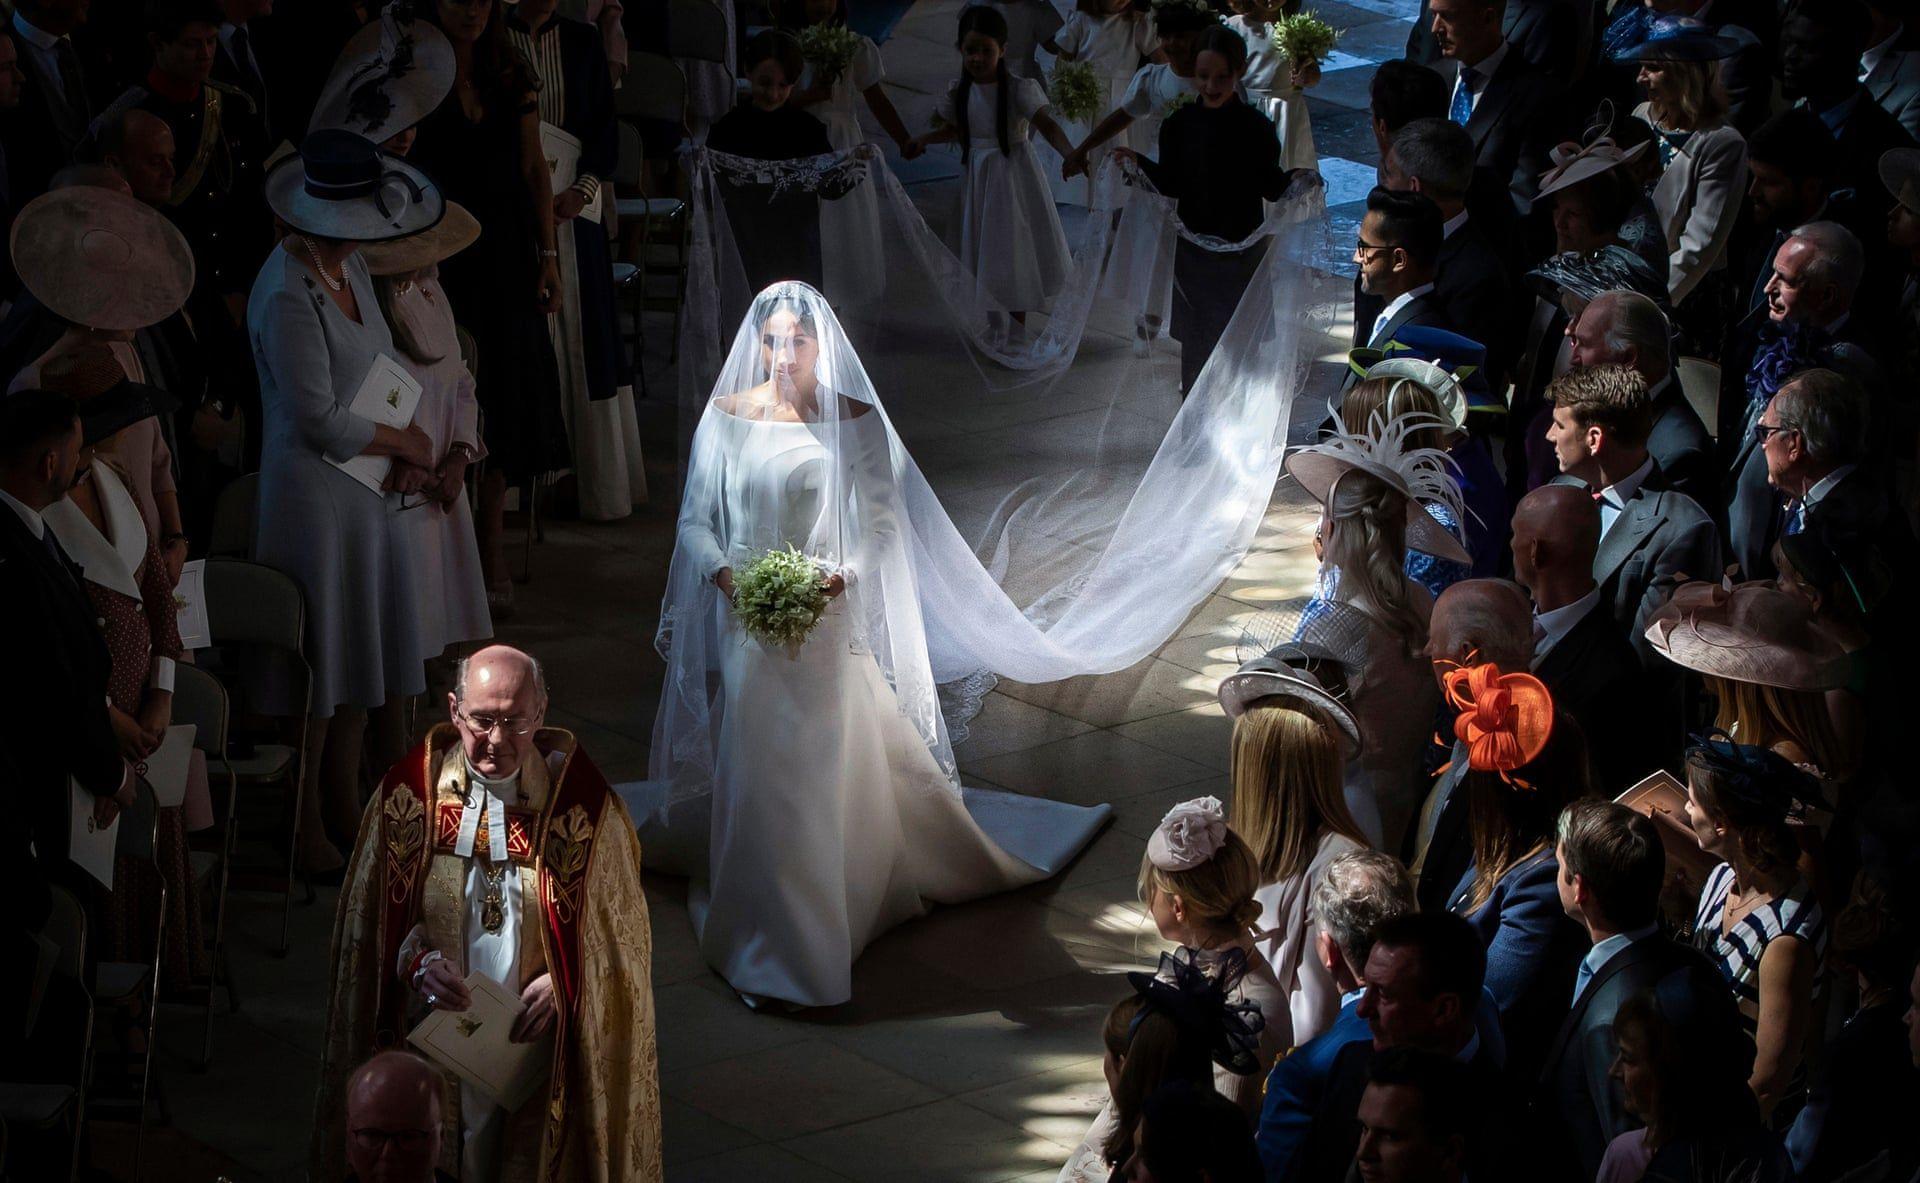 Meghan Markle és Harry herceg esküvője a Szent György kápolnában. Fotó: Danny Lawson/PA/thebppa